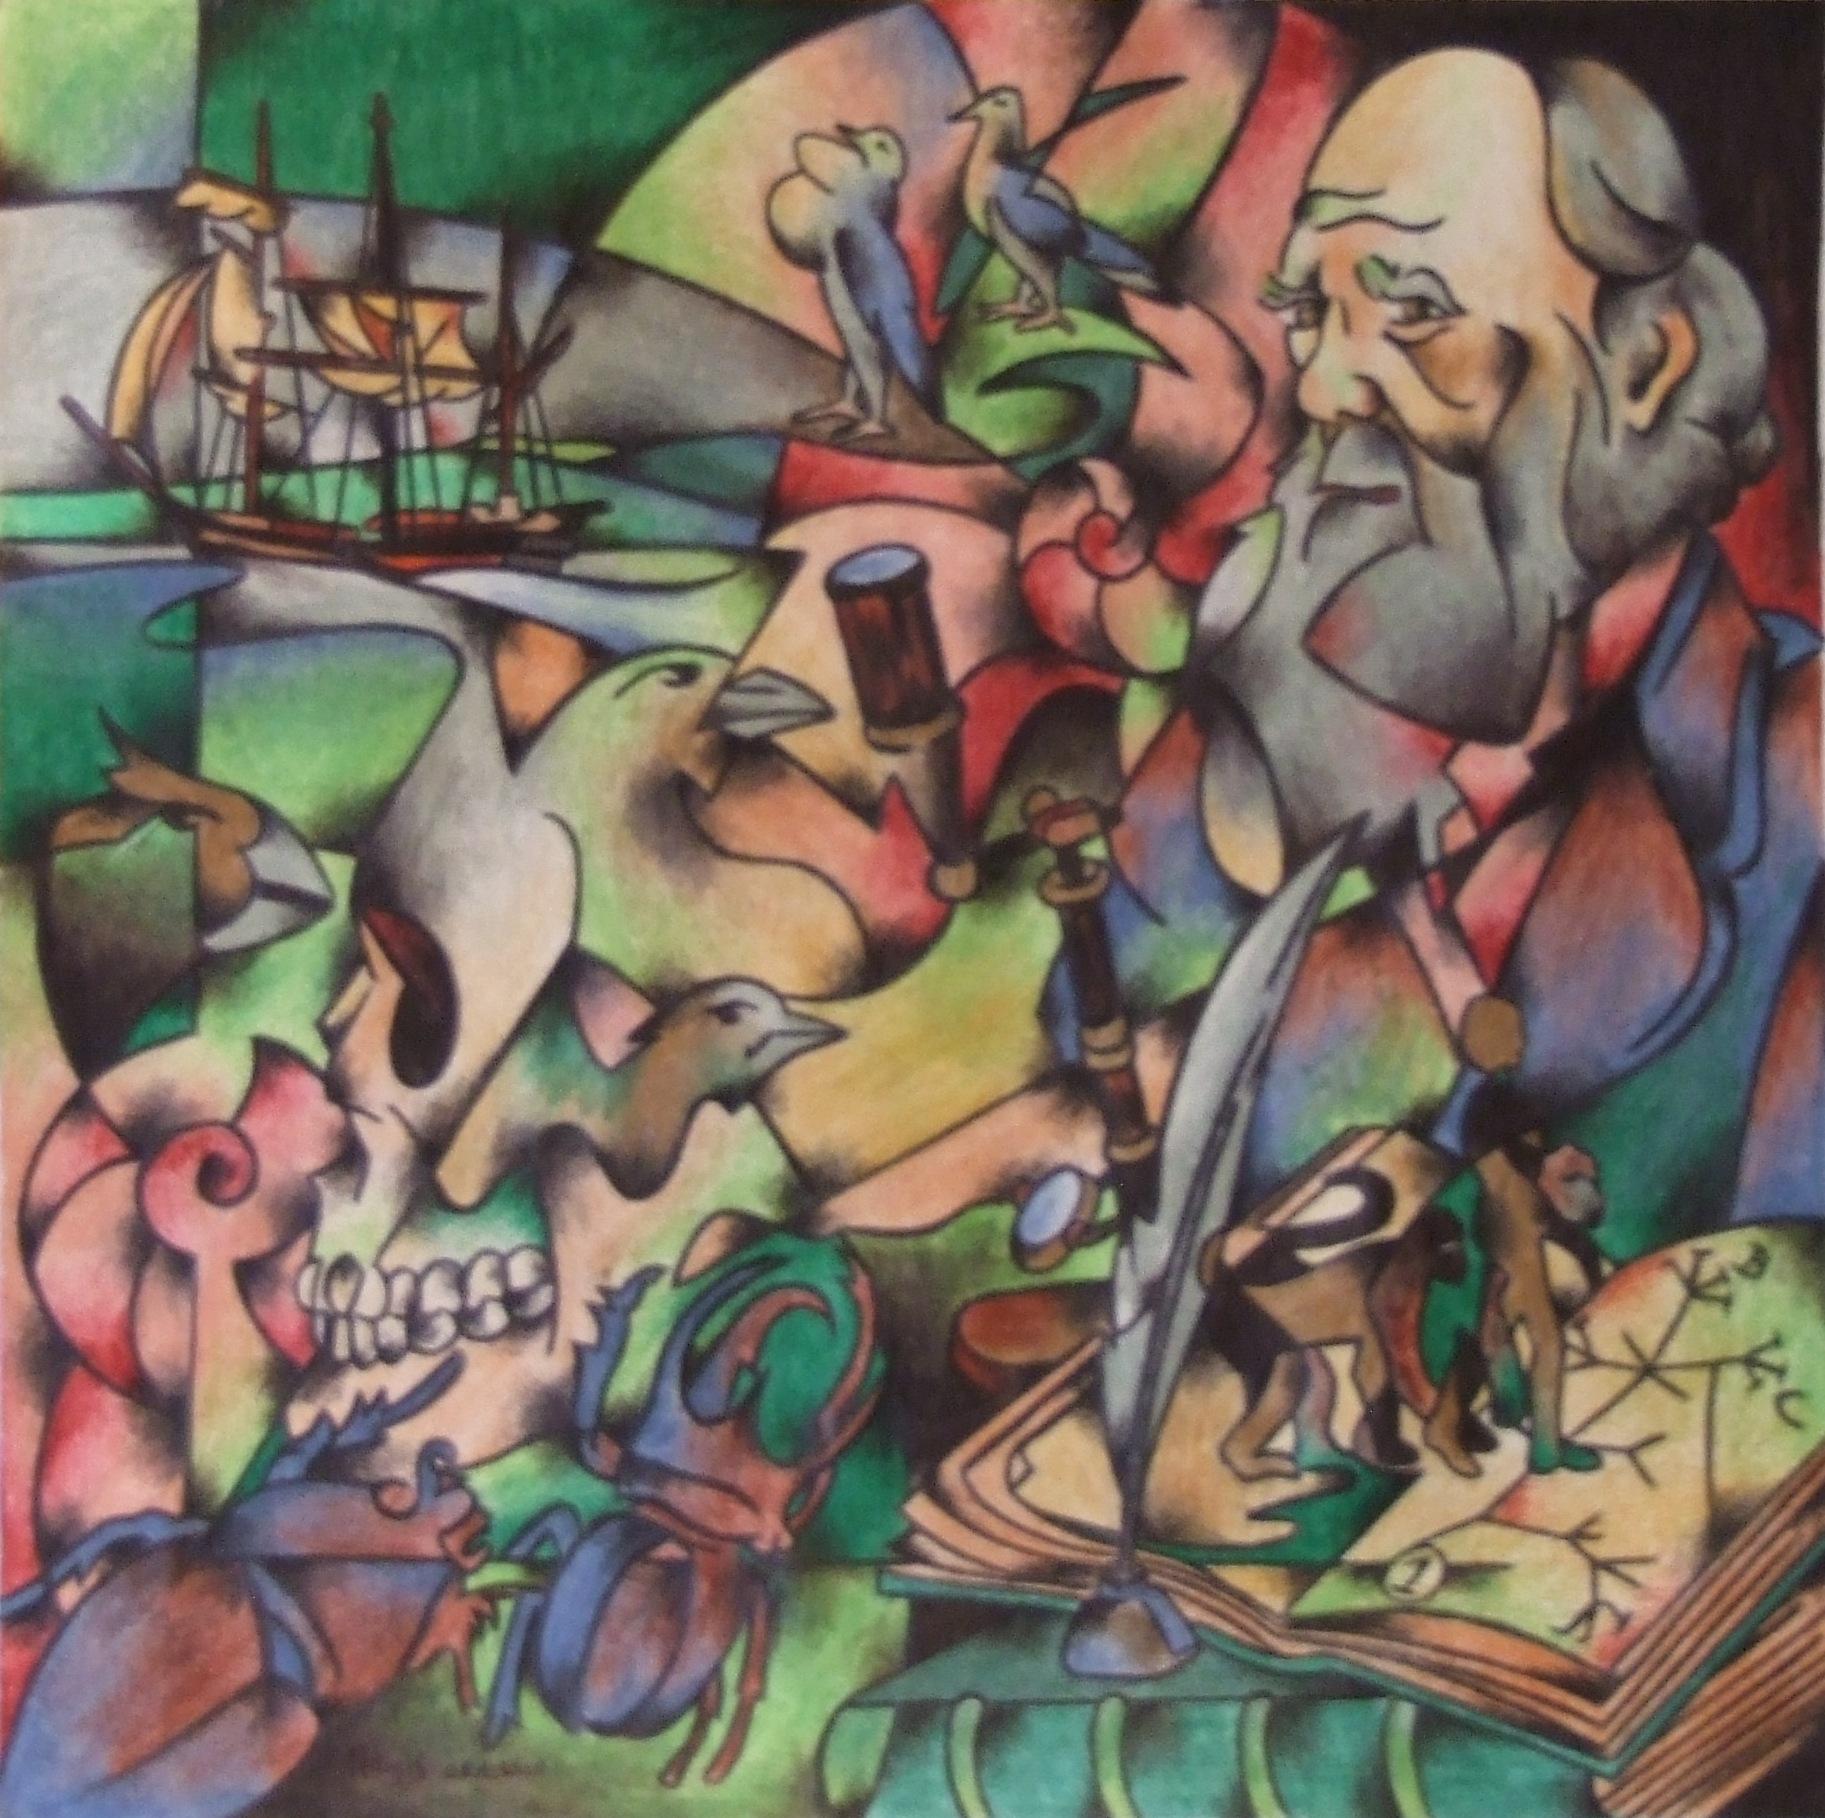 'Darwin 200 Aniversary'